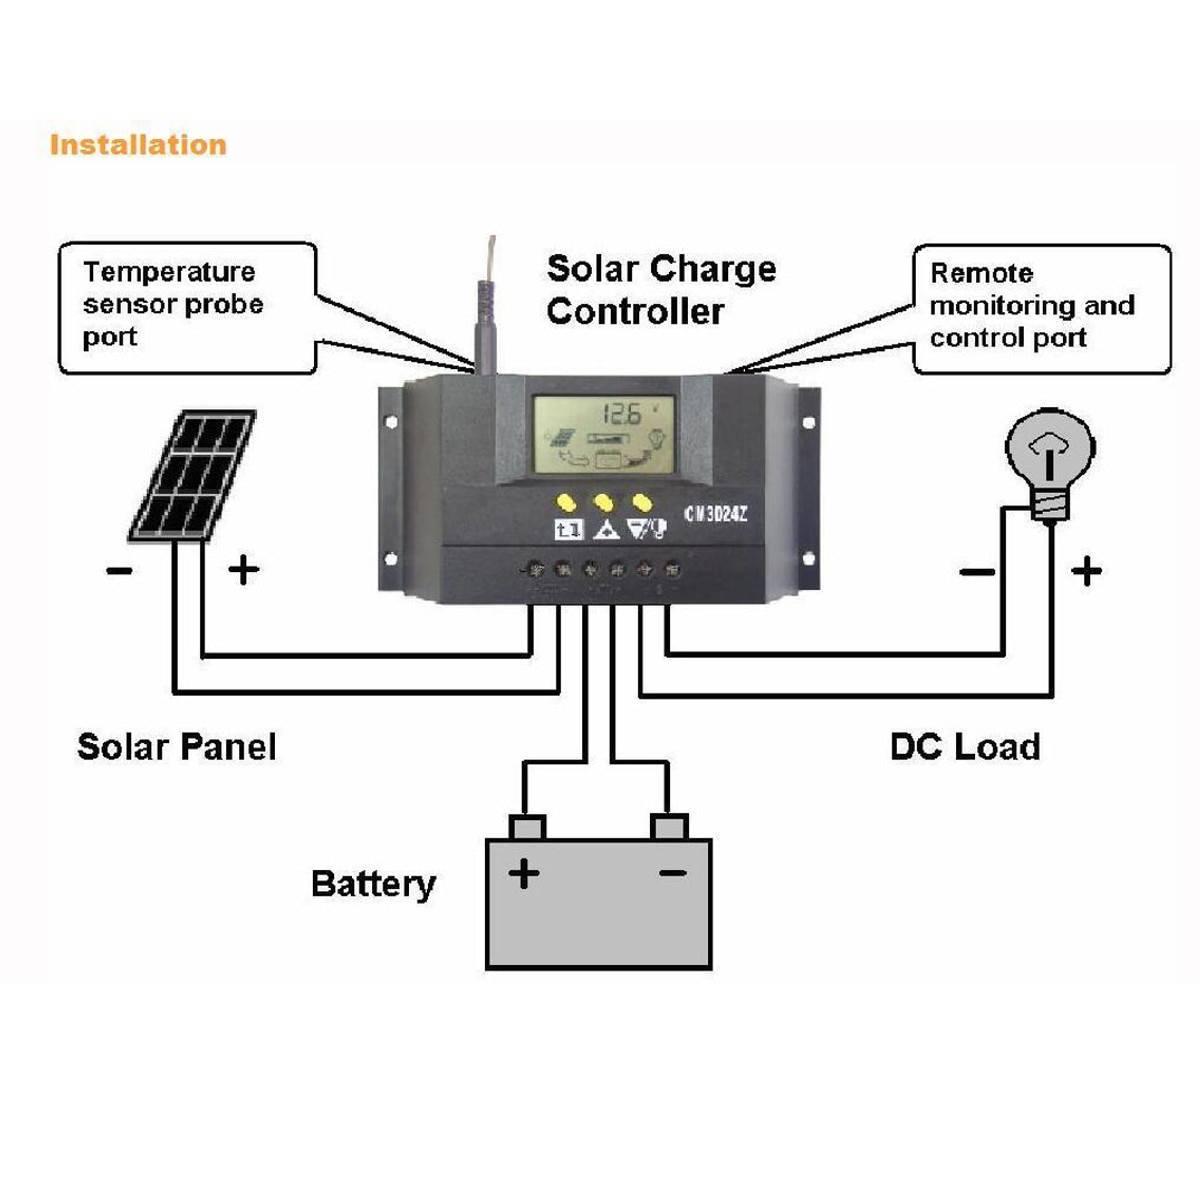 Схема подключения солнечных батарей: сборка системы с аккумулятором - точка j